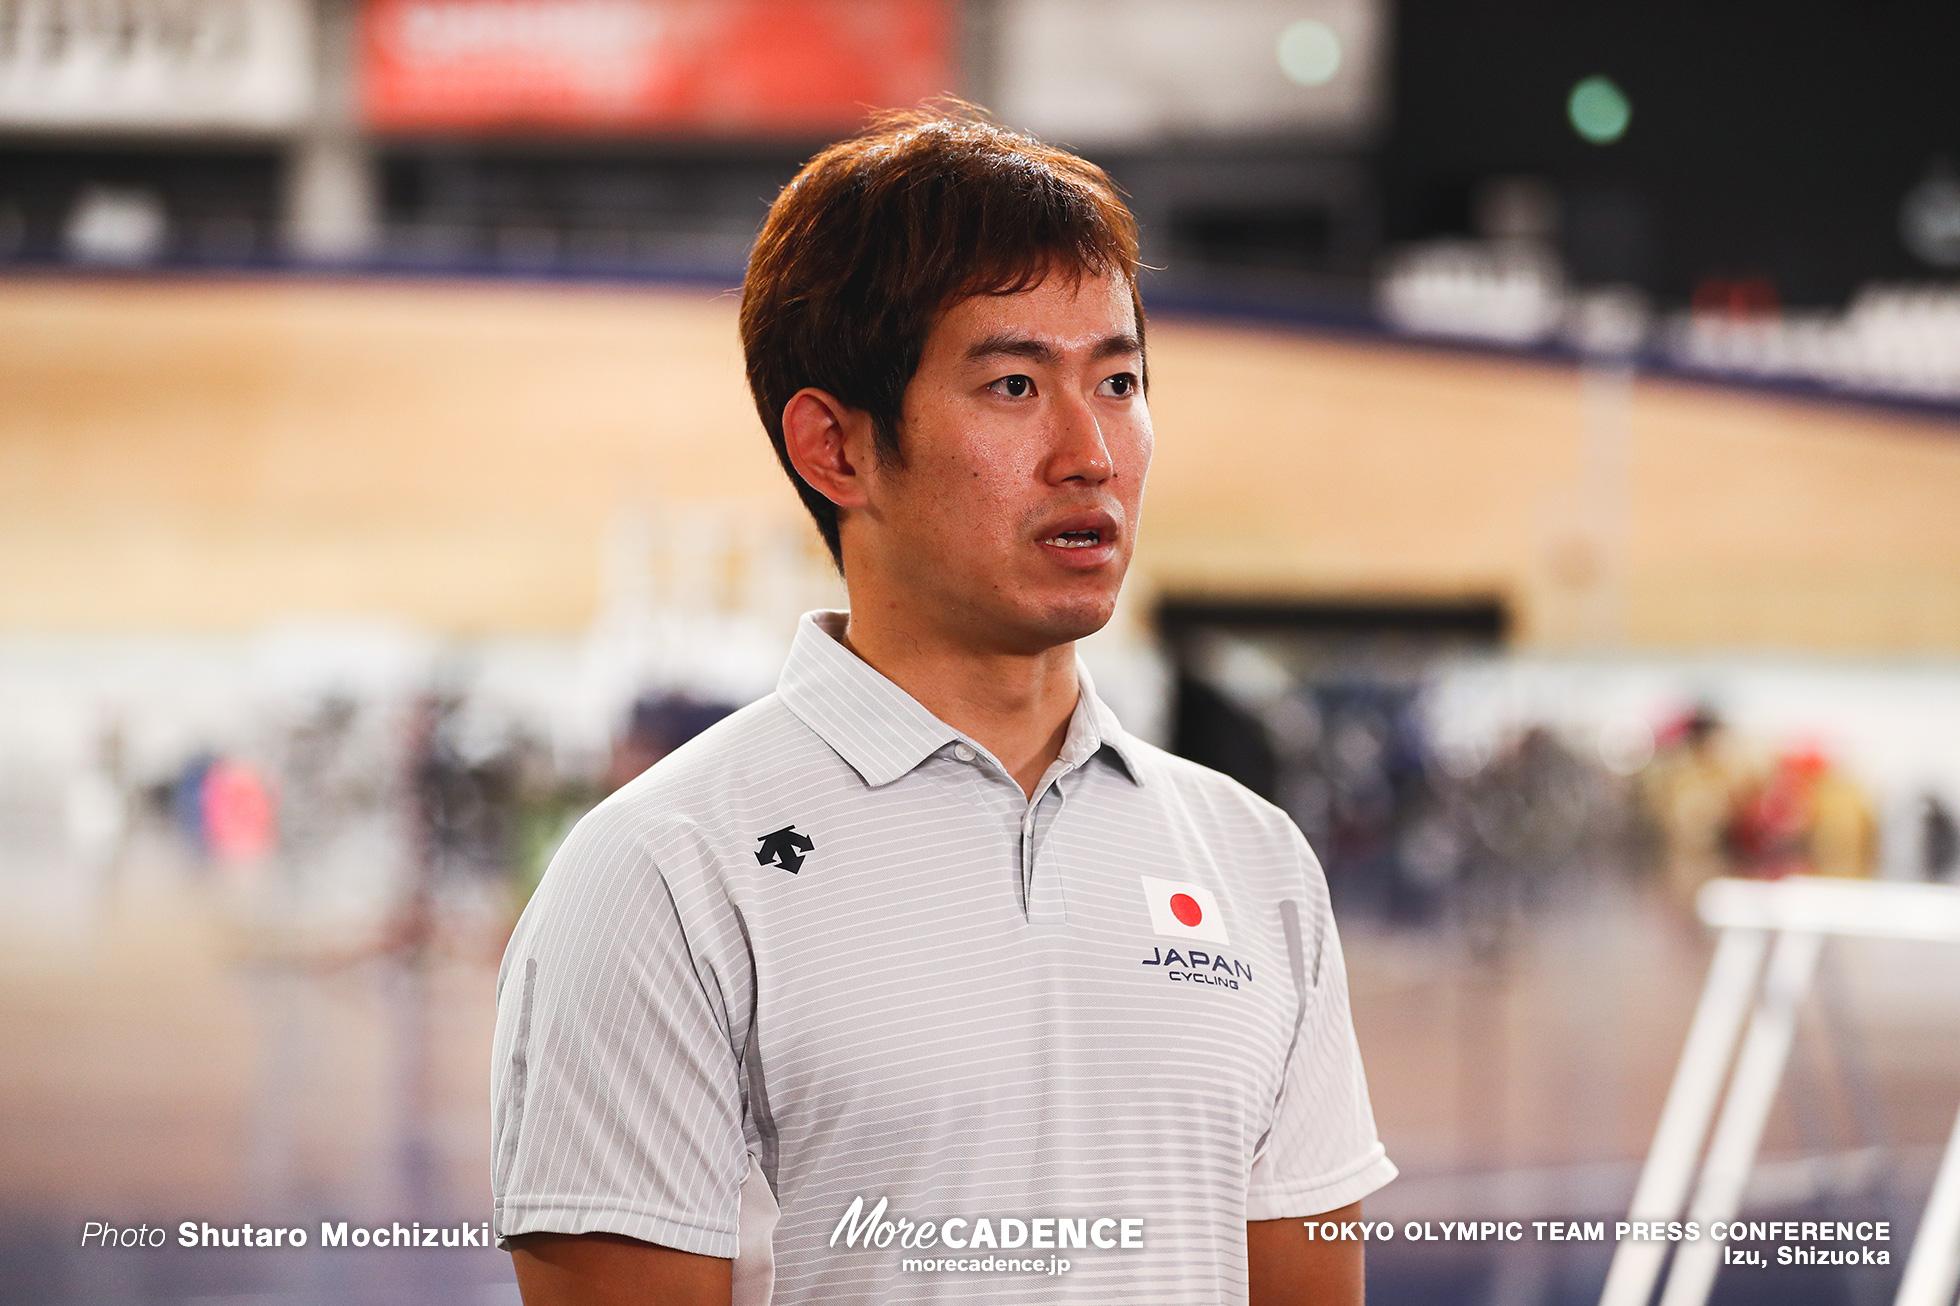 東京オリンピック トラック競技代表内定発表 脇本雄太